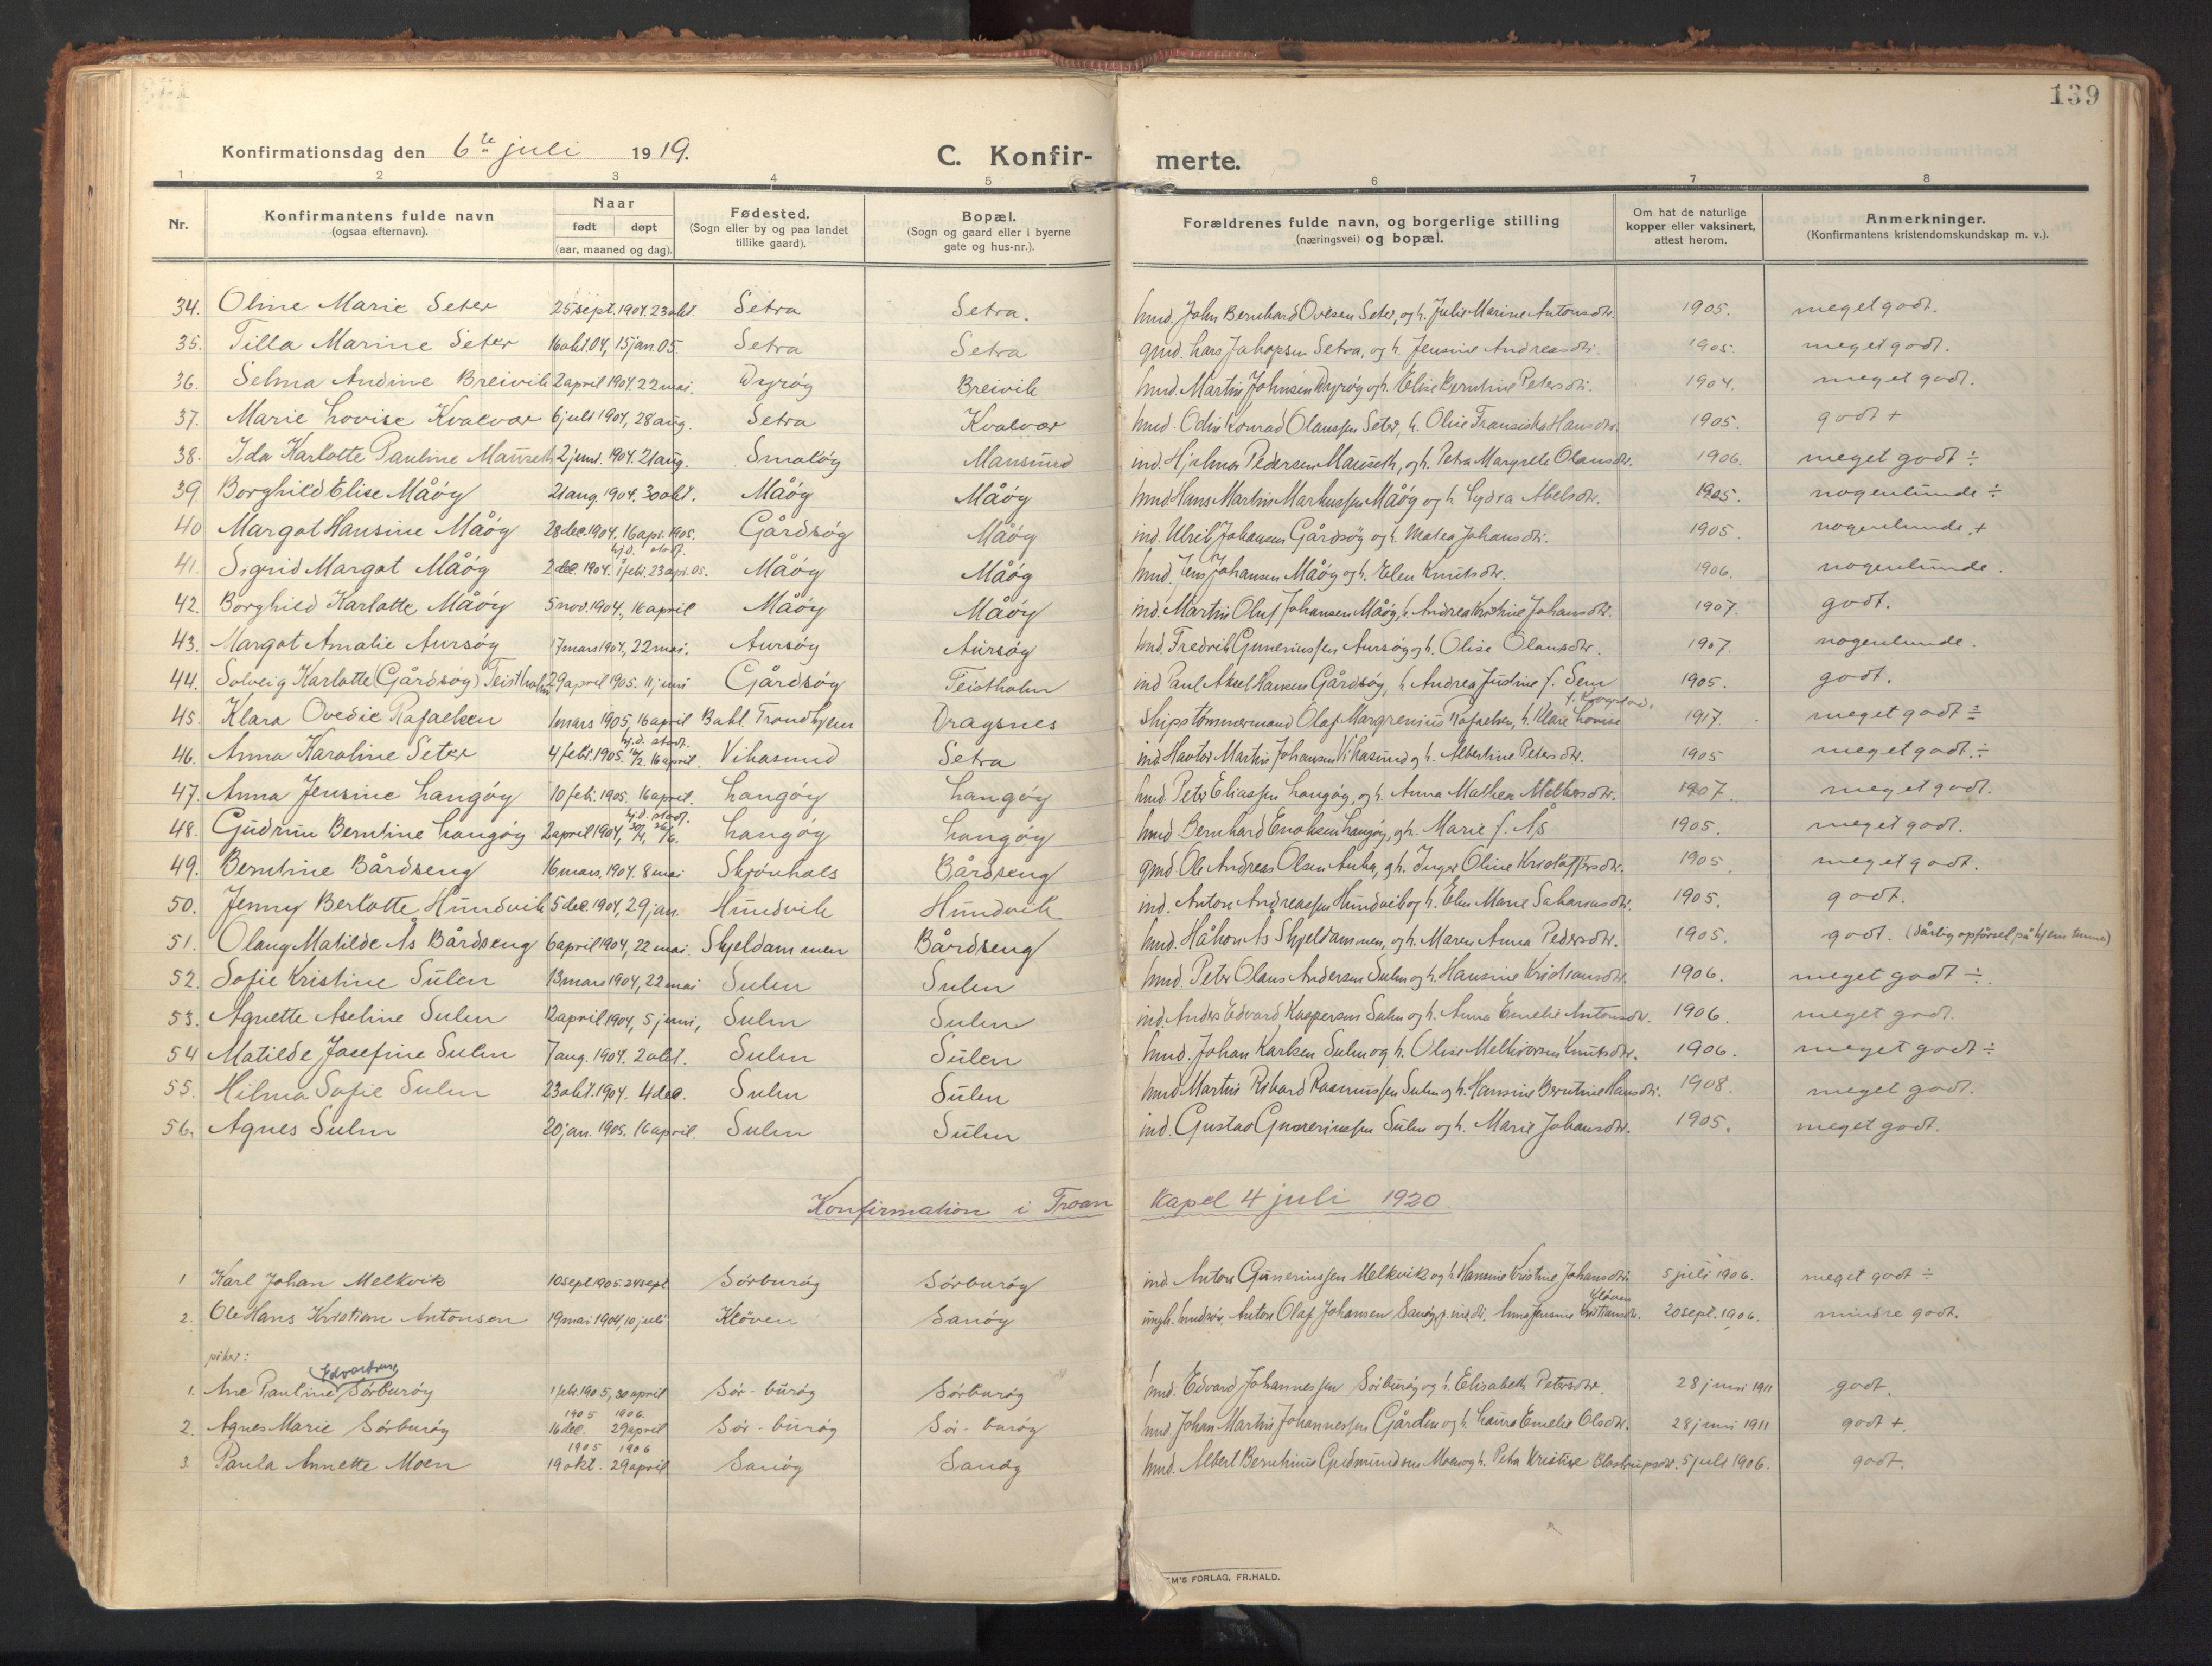 SAT, Ministerialprotokoller, klokkerbøker og fødselsregistre - Sør-Trøndelag, 640/L0581: Ministerialbok nr. 640A06, 1910-1924, s. 139